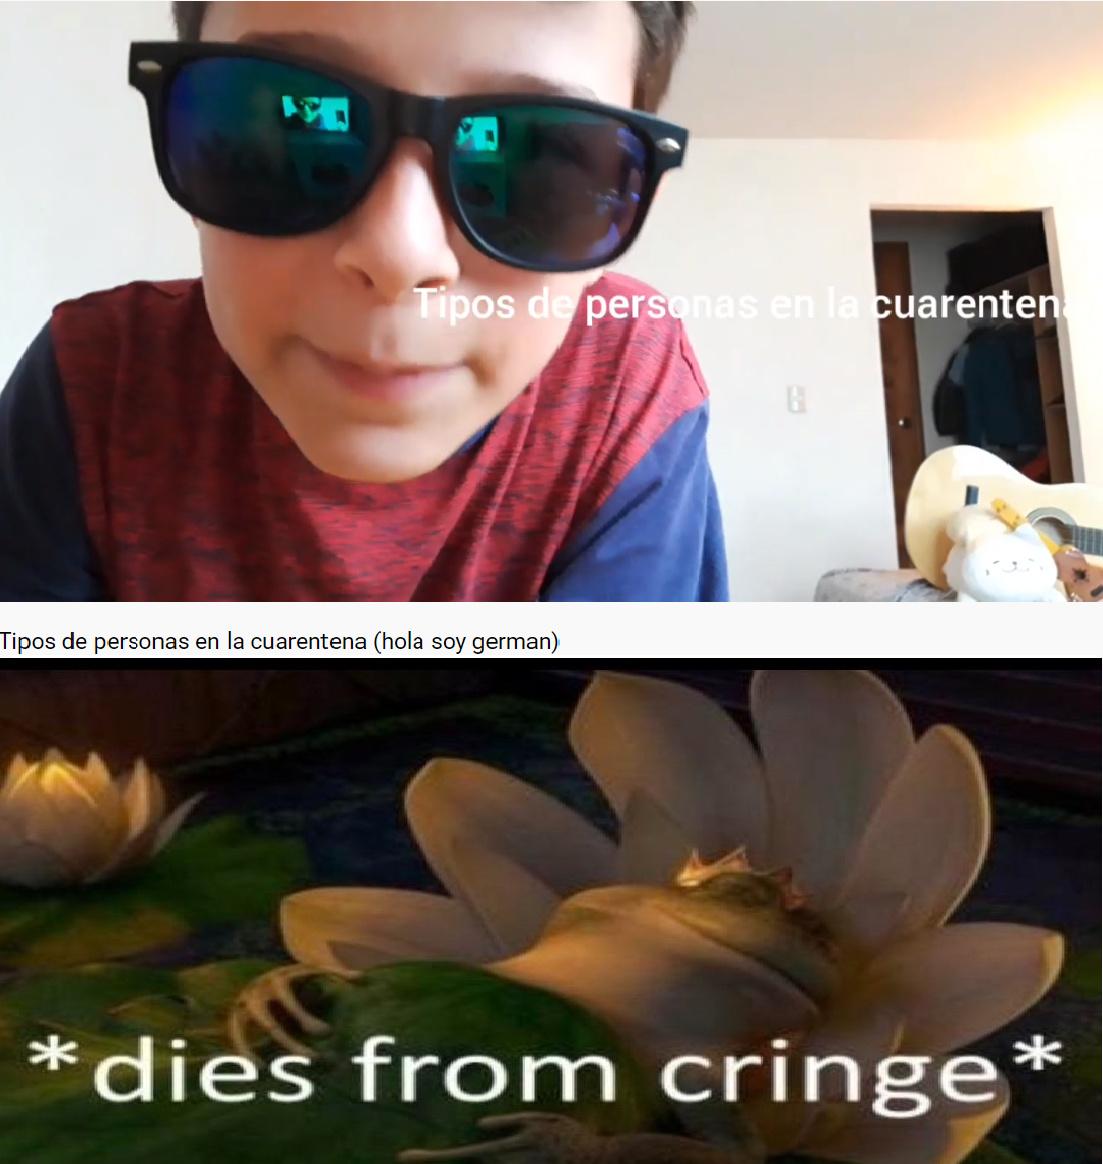 *Este video lo encontre porque un usuario de memedroid subio un meme anunciando que holasoygerman subio video del tema*